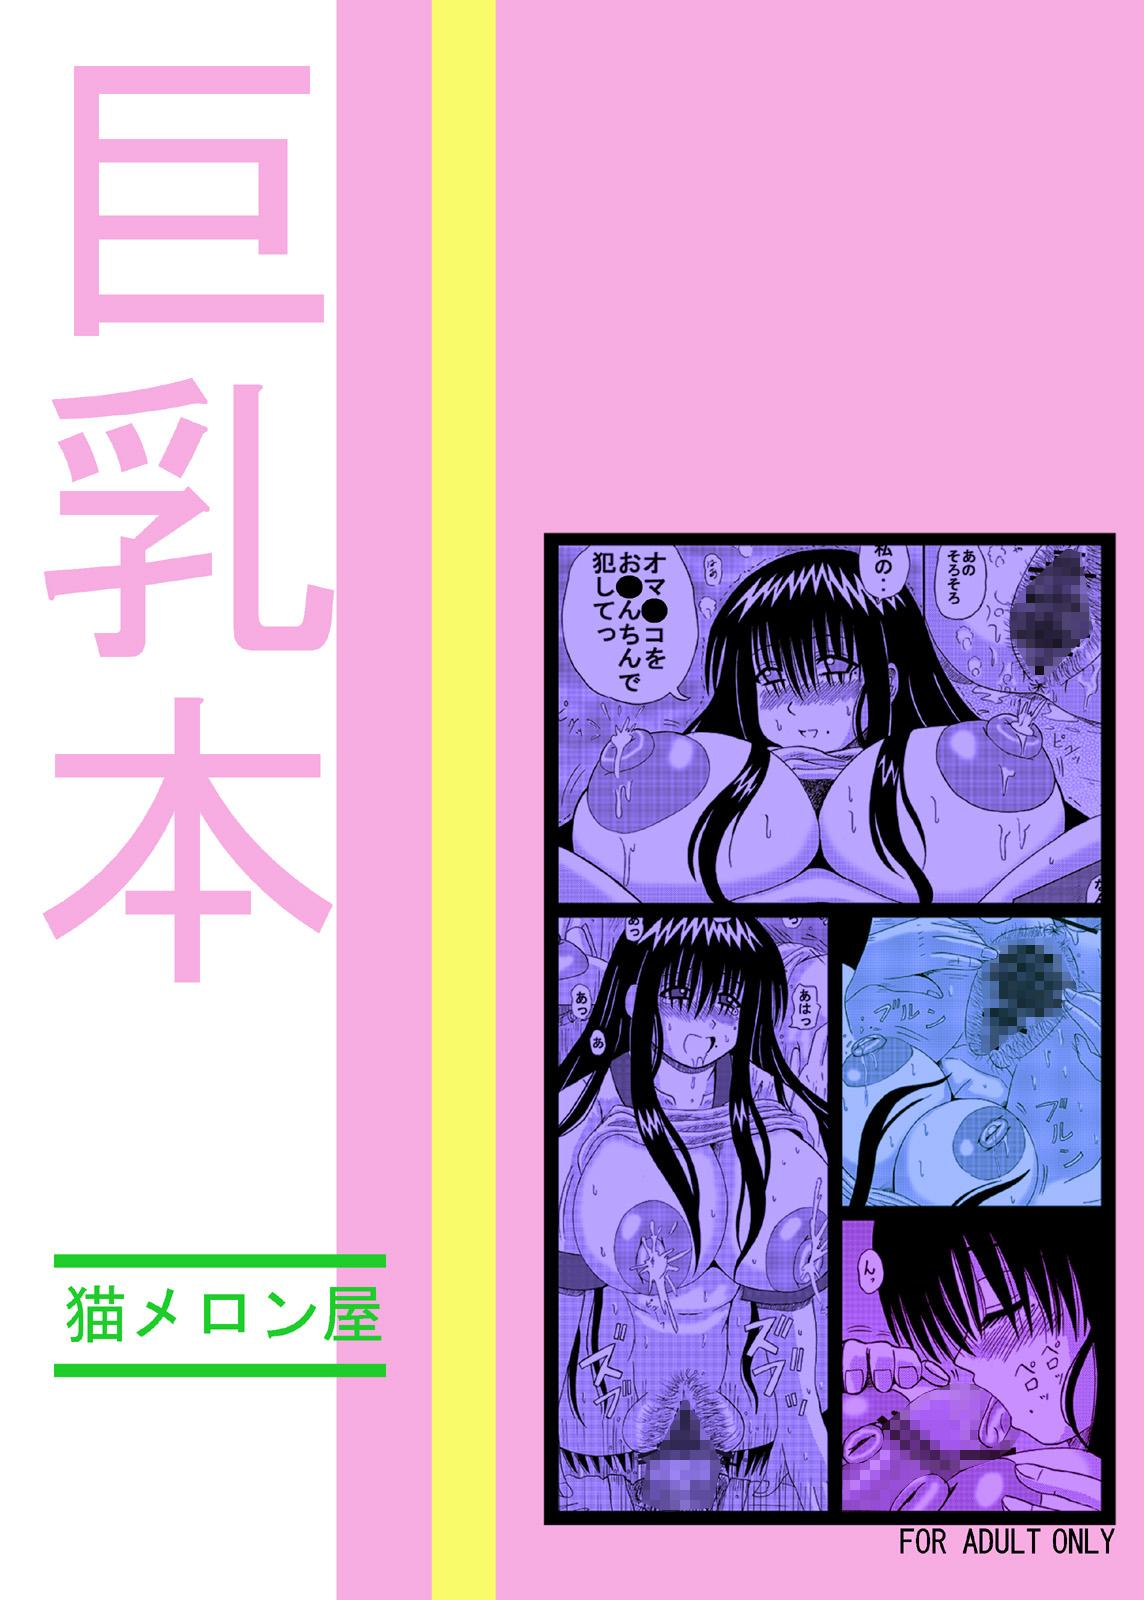 Bakunyuu Bishoujo Yorozu Hon Set 96